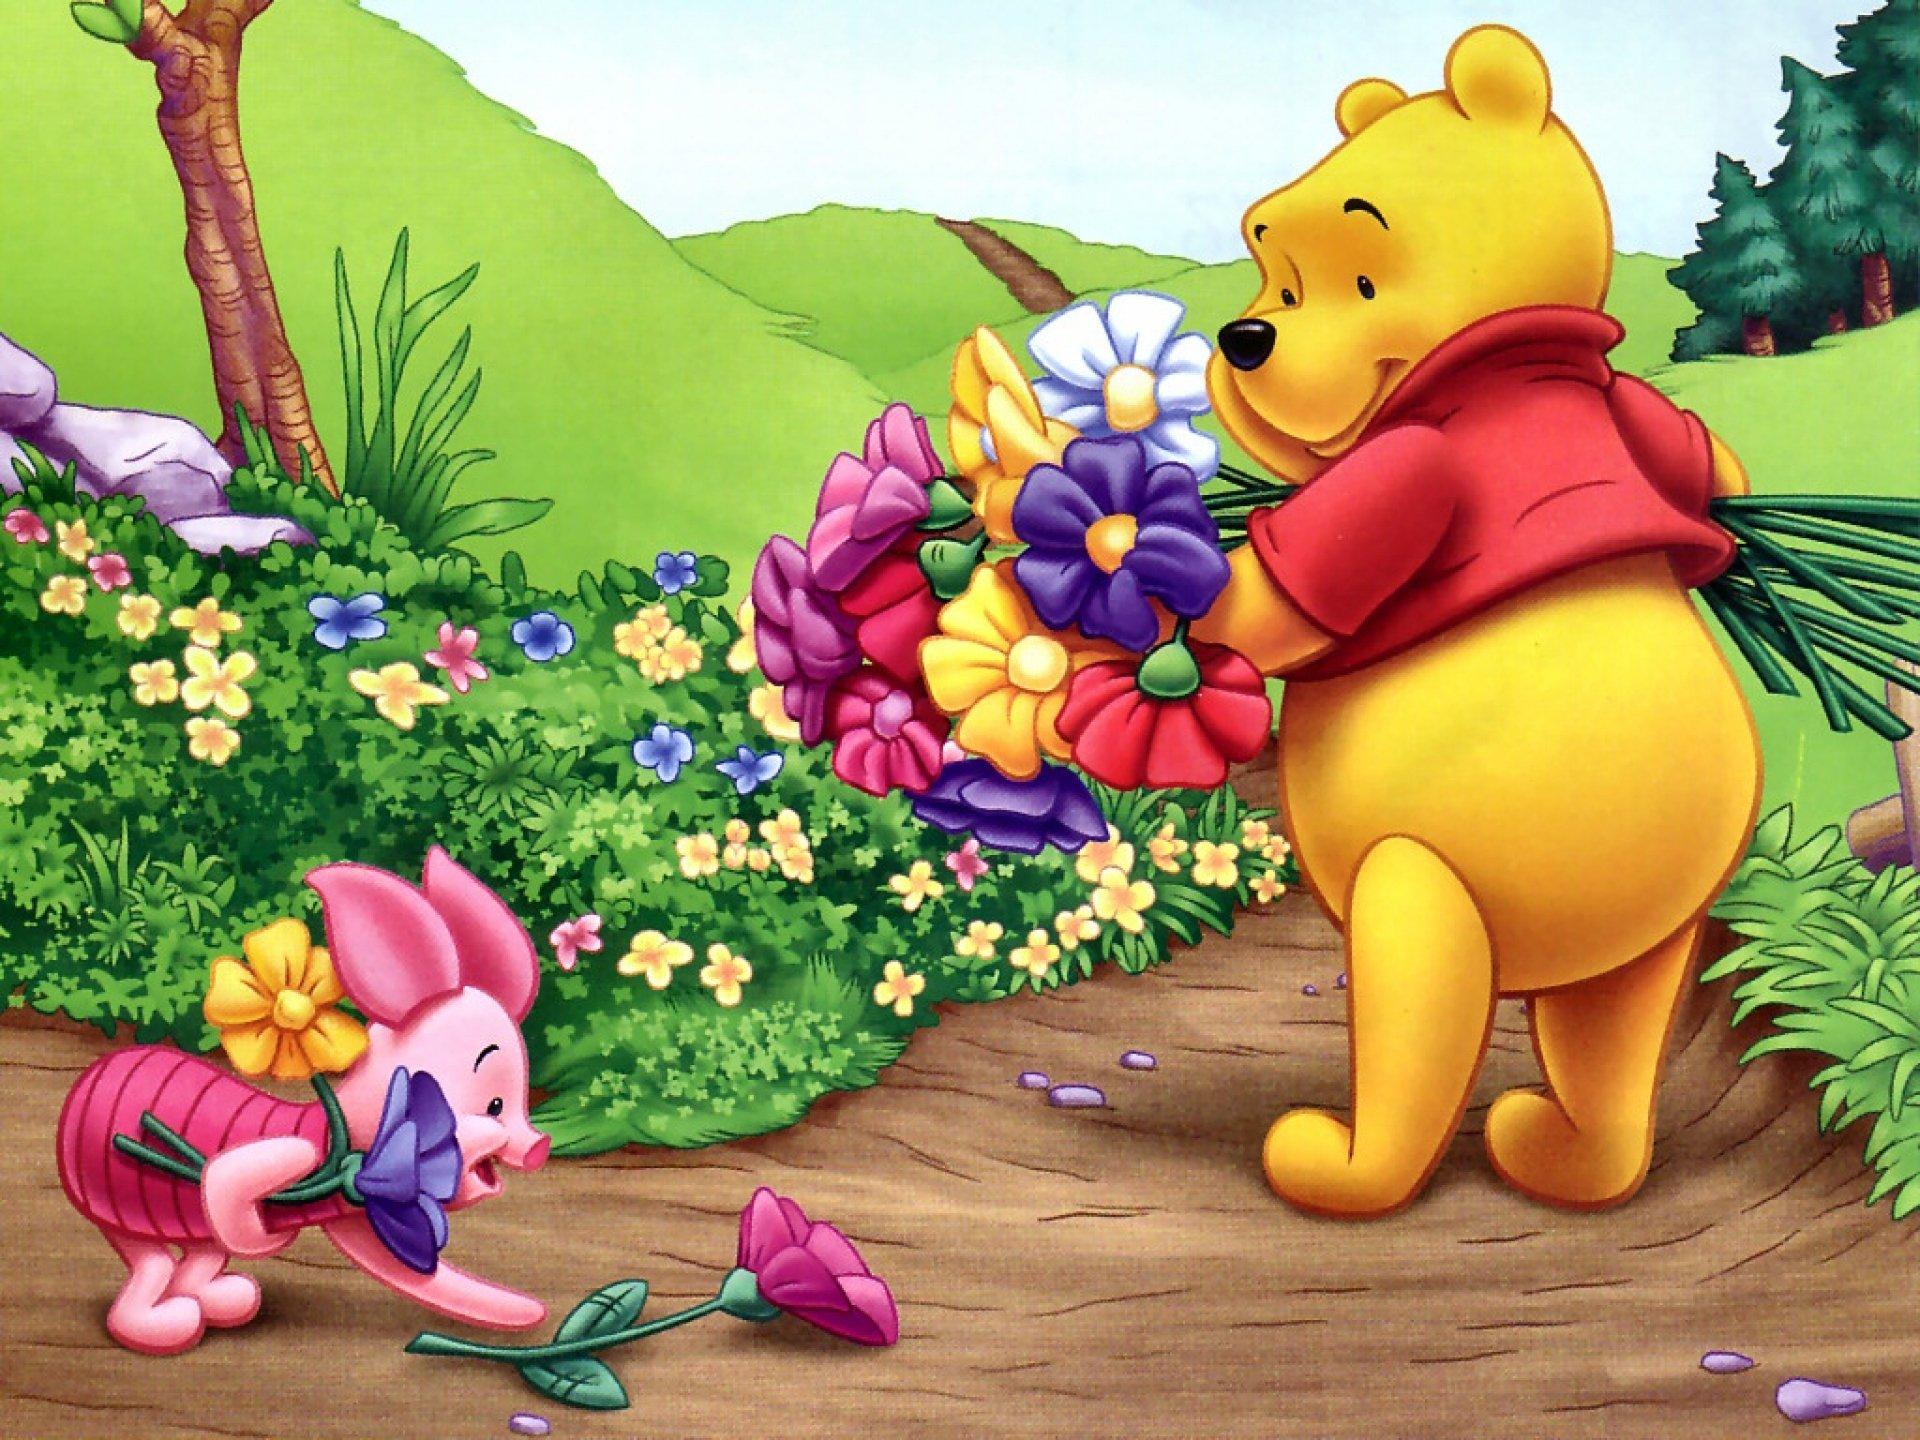 Hd Wallpaper Winnie The Pooh Beautiful 830283 Hd Wallpaper